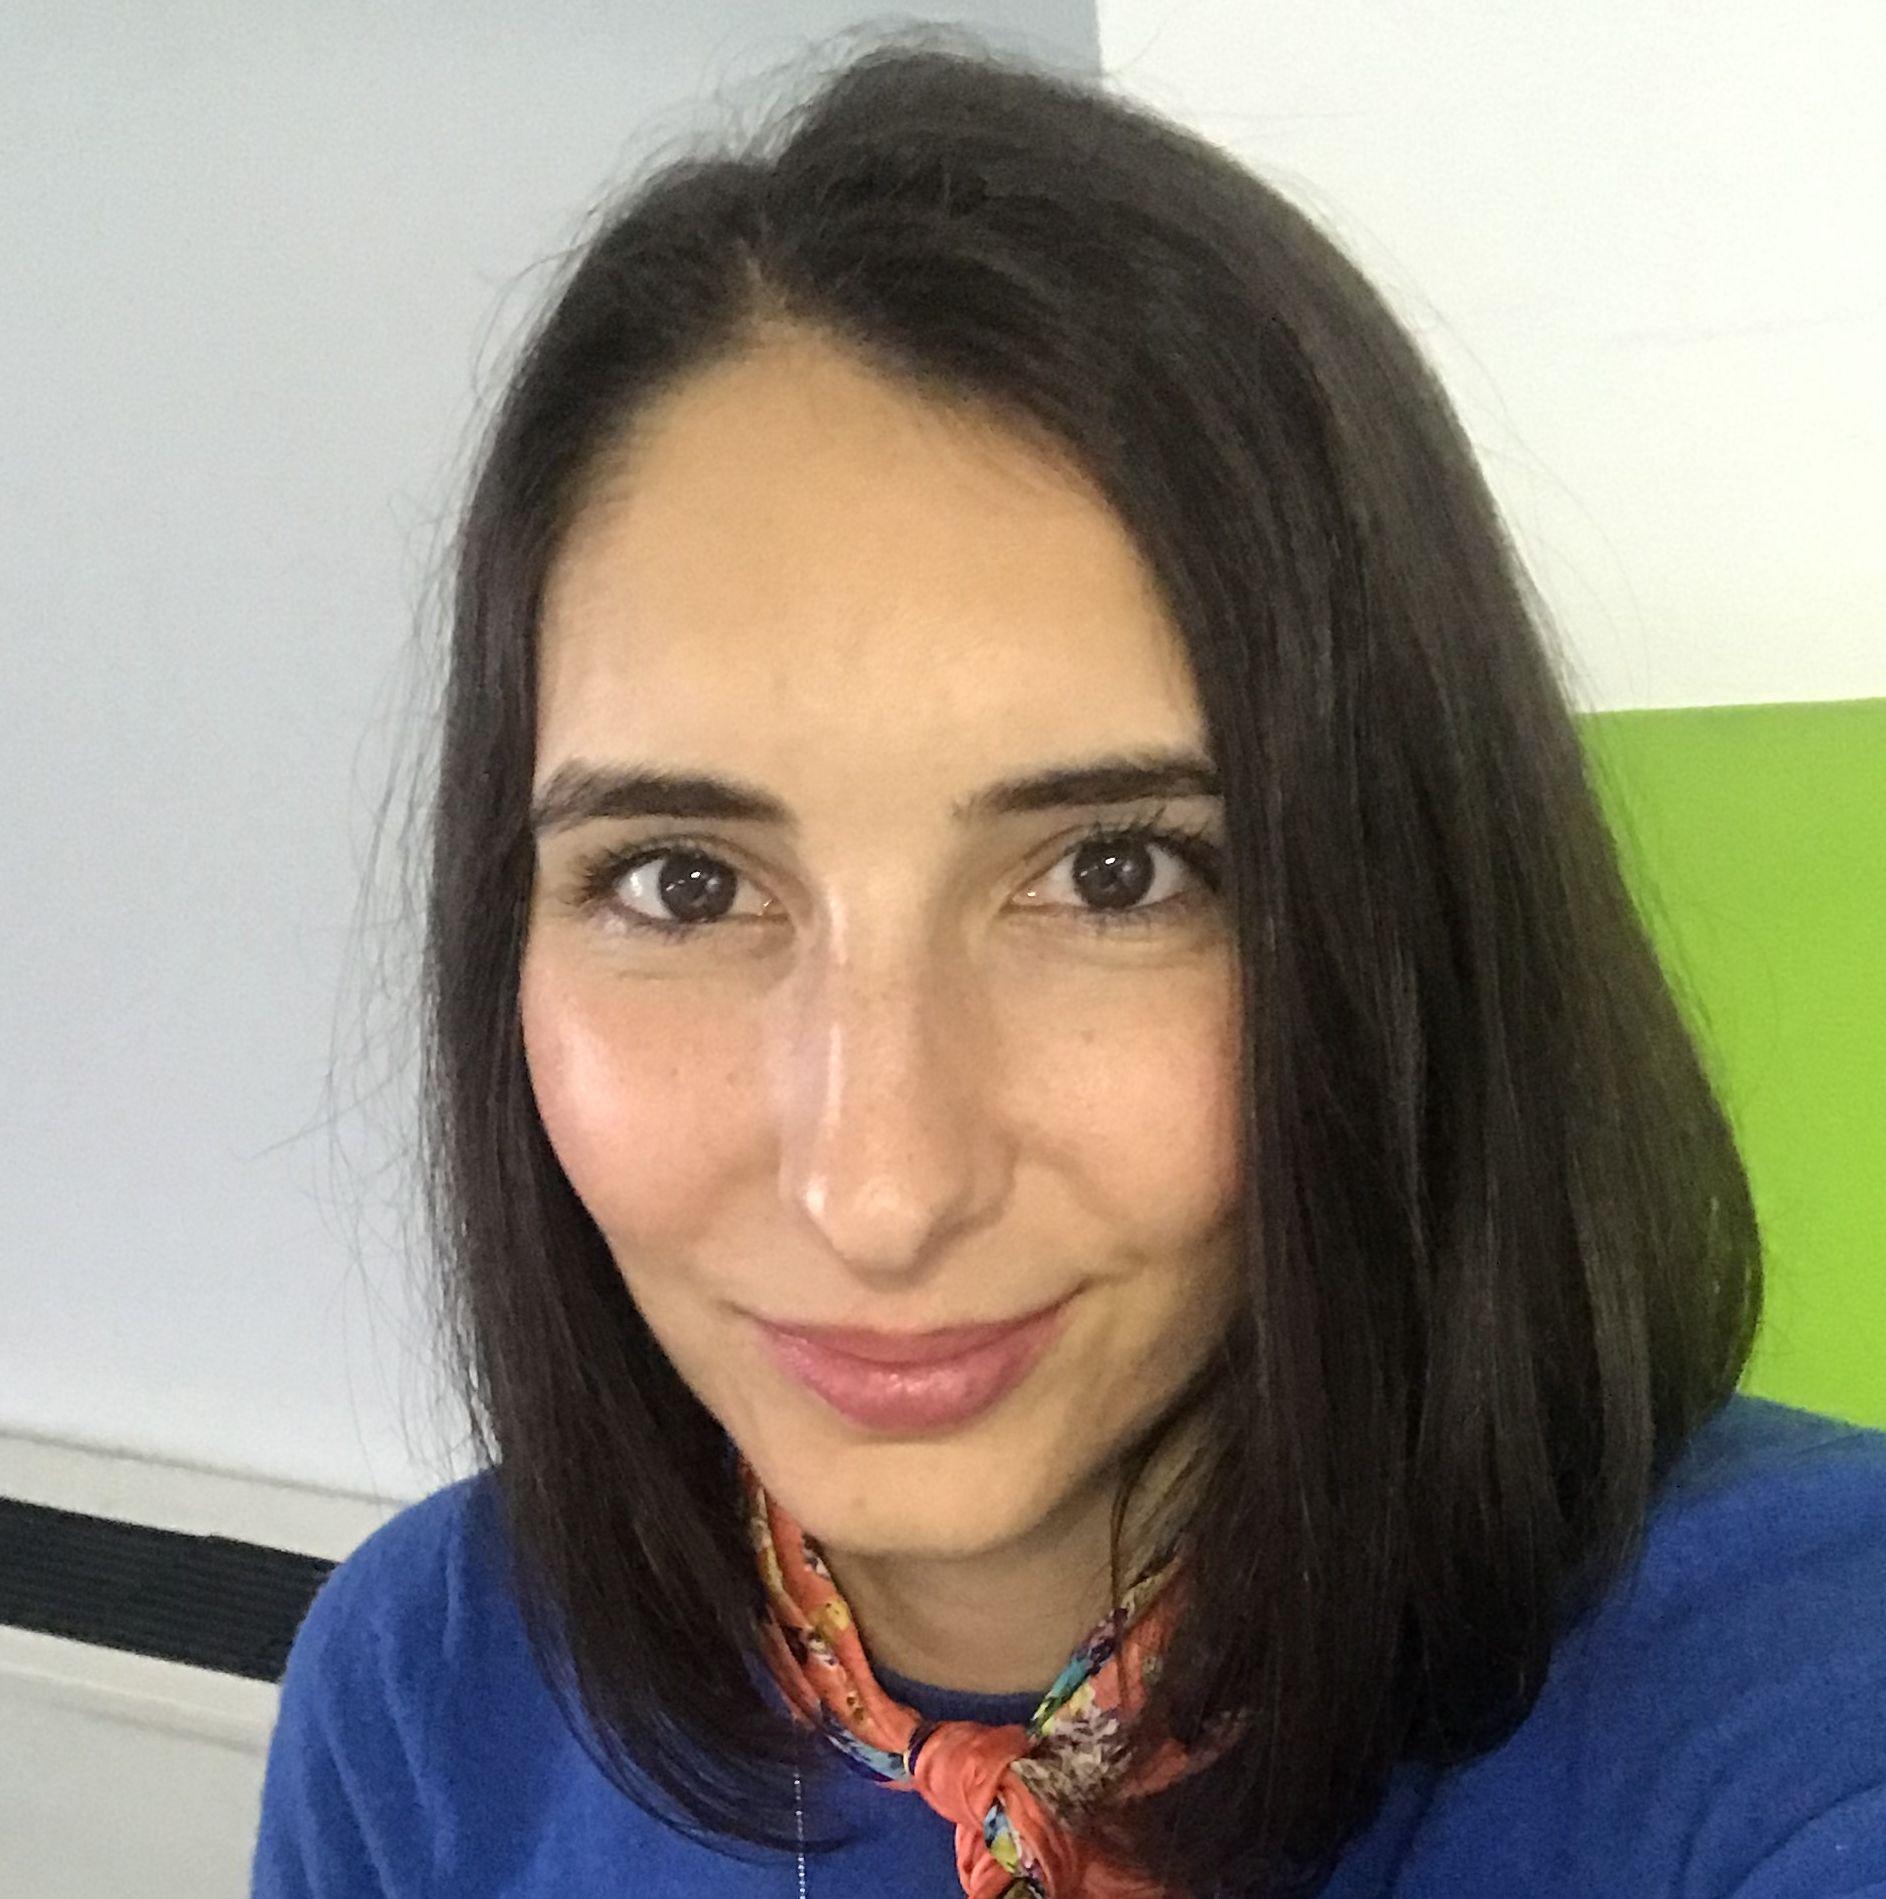 Manuela - Maria Obreja